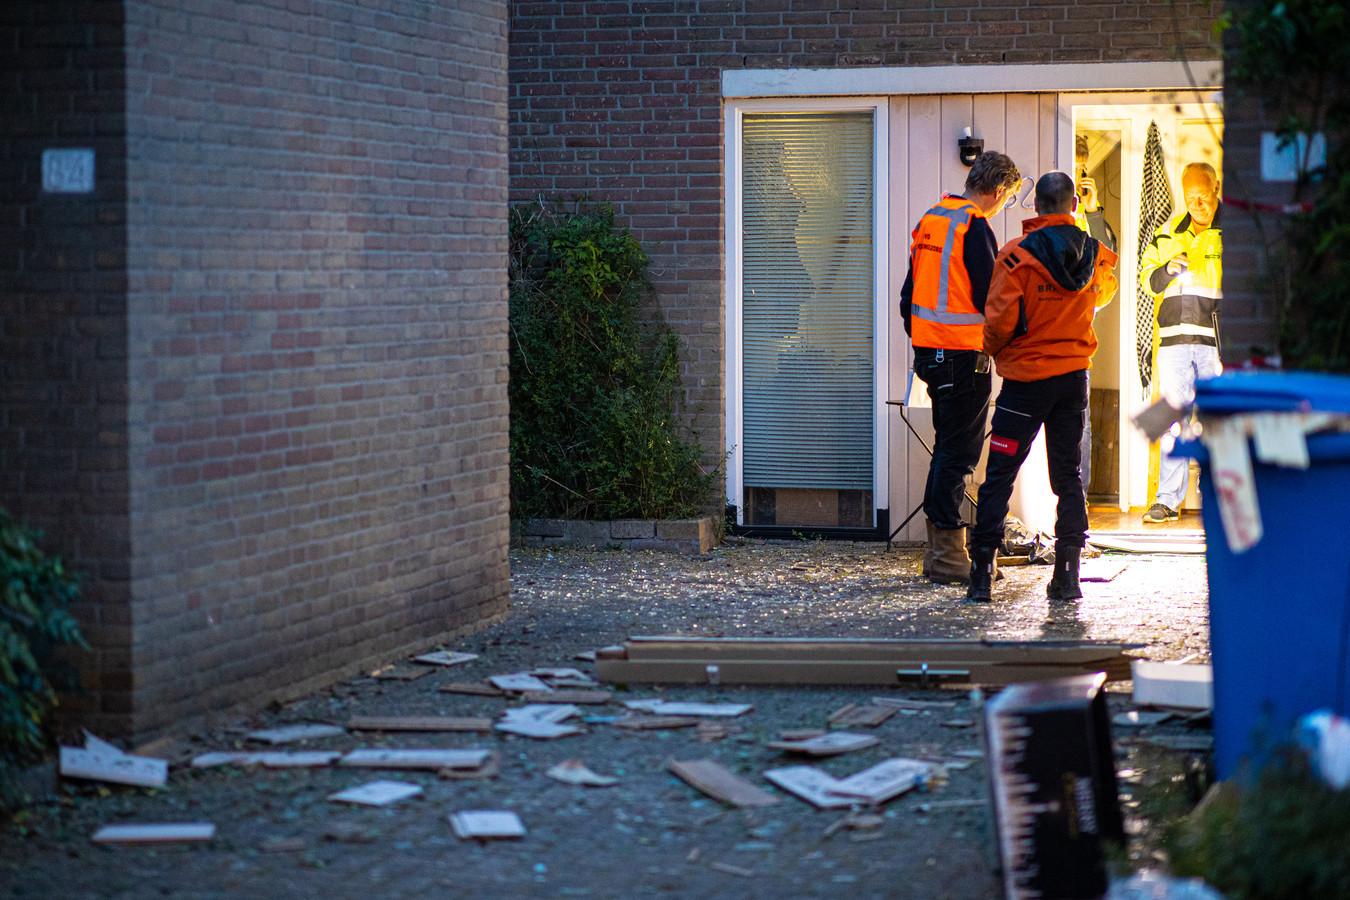 Politie en brandweer doen 's nachts onderzoek bij het huis waar zich een explosie voordeed.